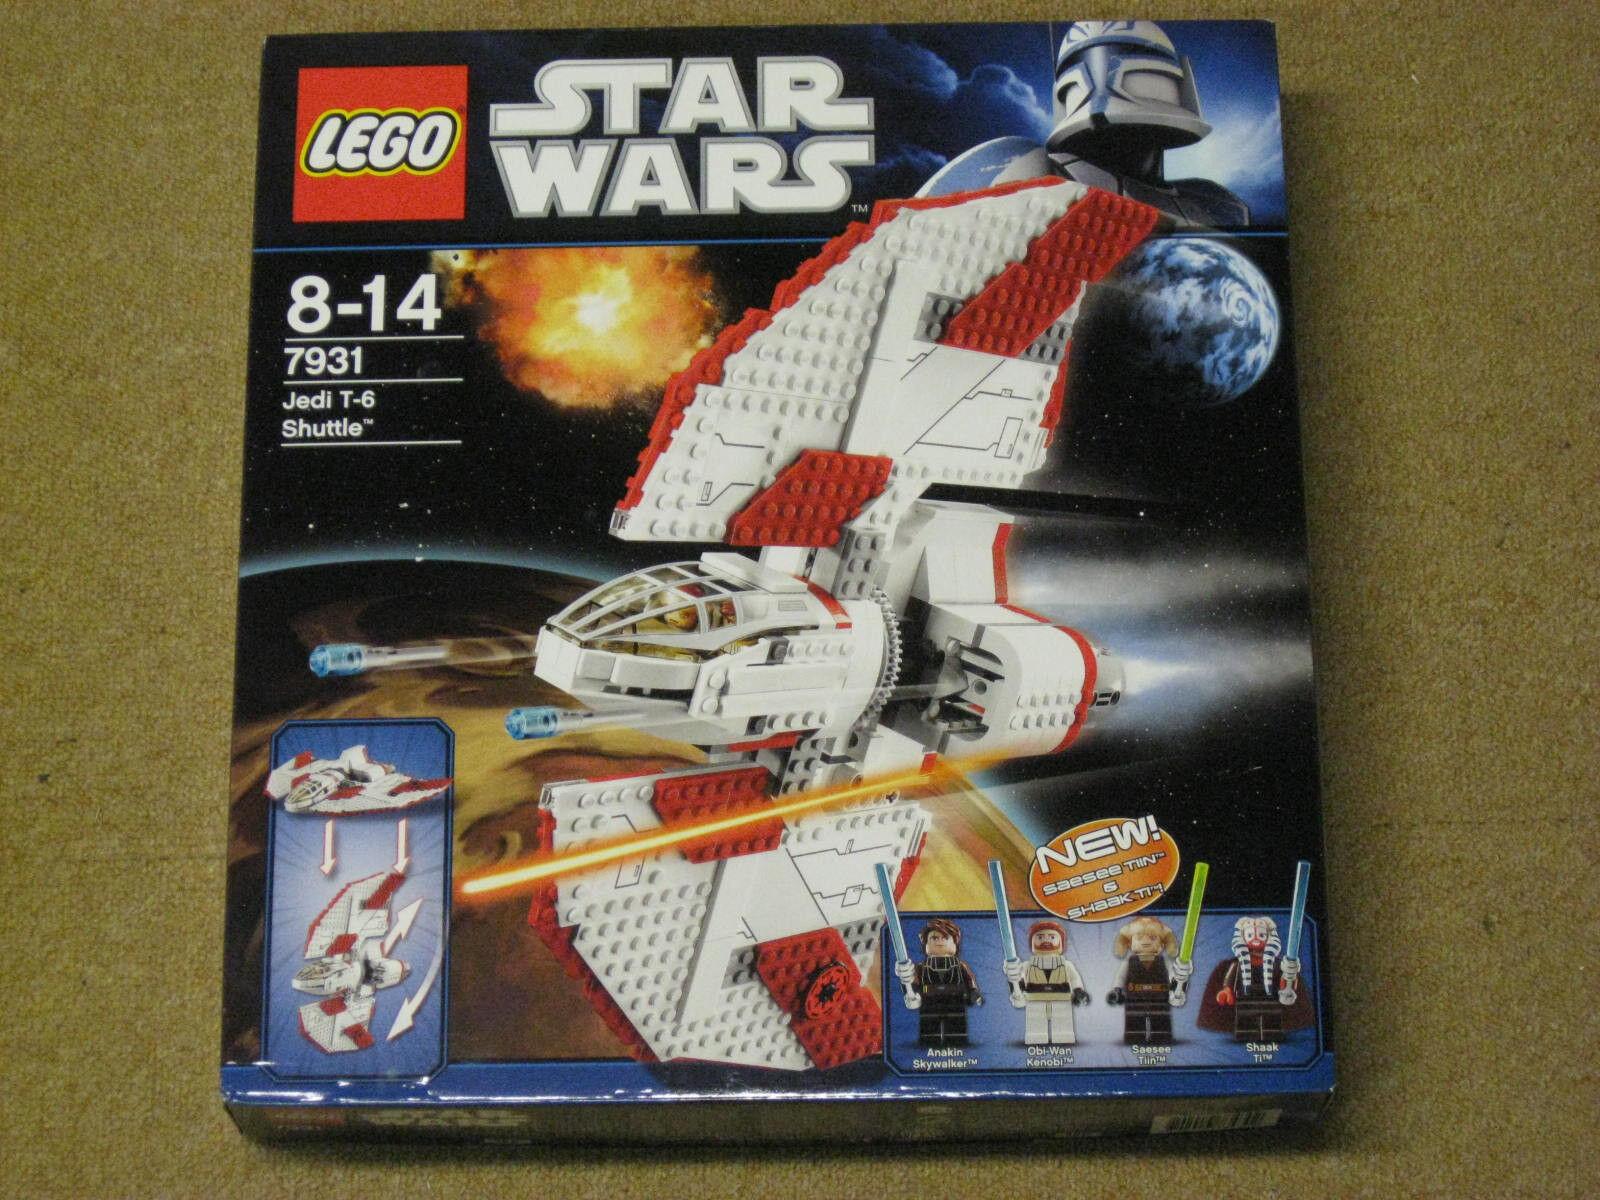 LEGO estrella guerras 7931 Jedi t-6 Shuttle... NUOVO...  OVP...... non aperto  tutti i prodotti ottengono fino al 34% di sconto